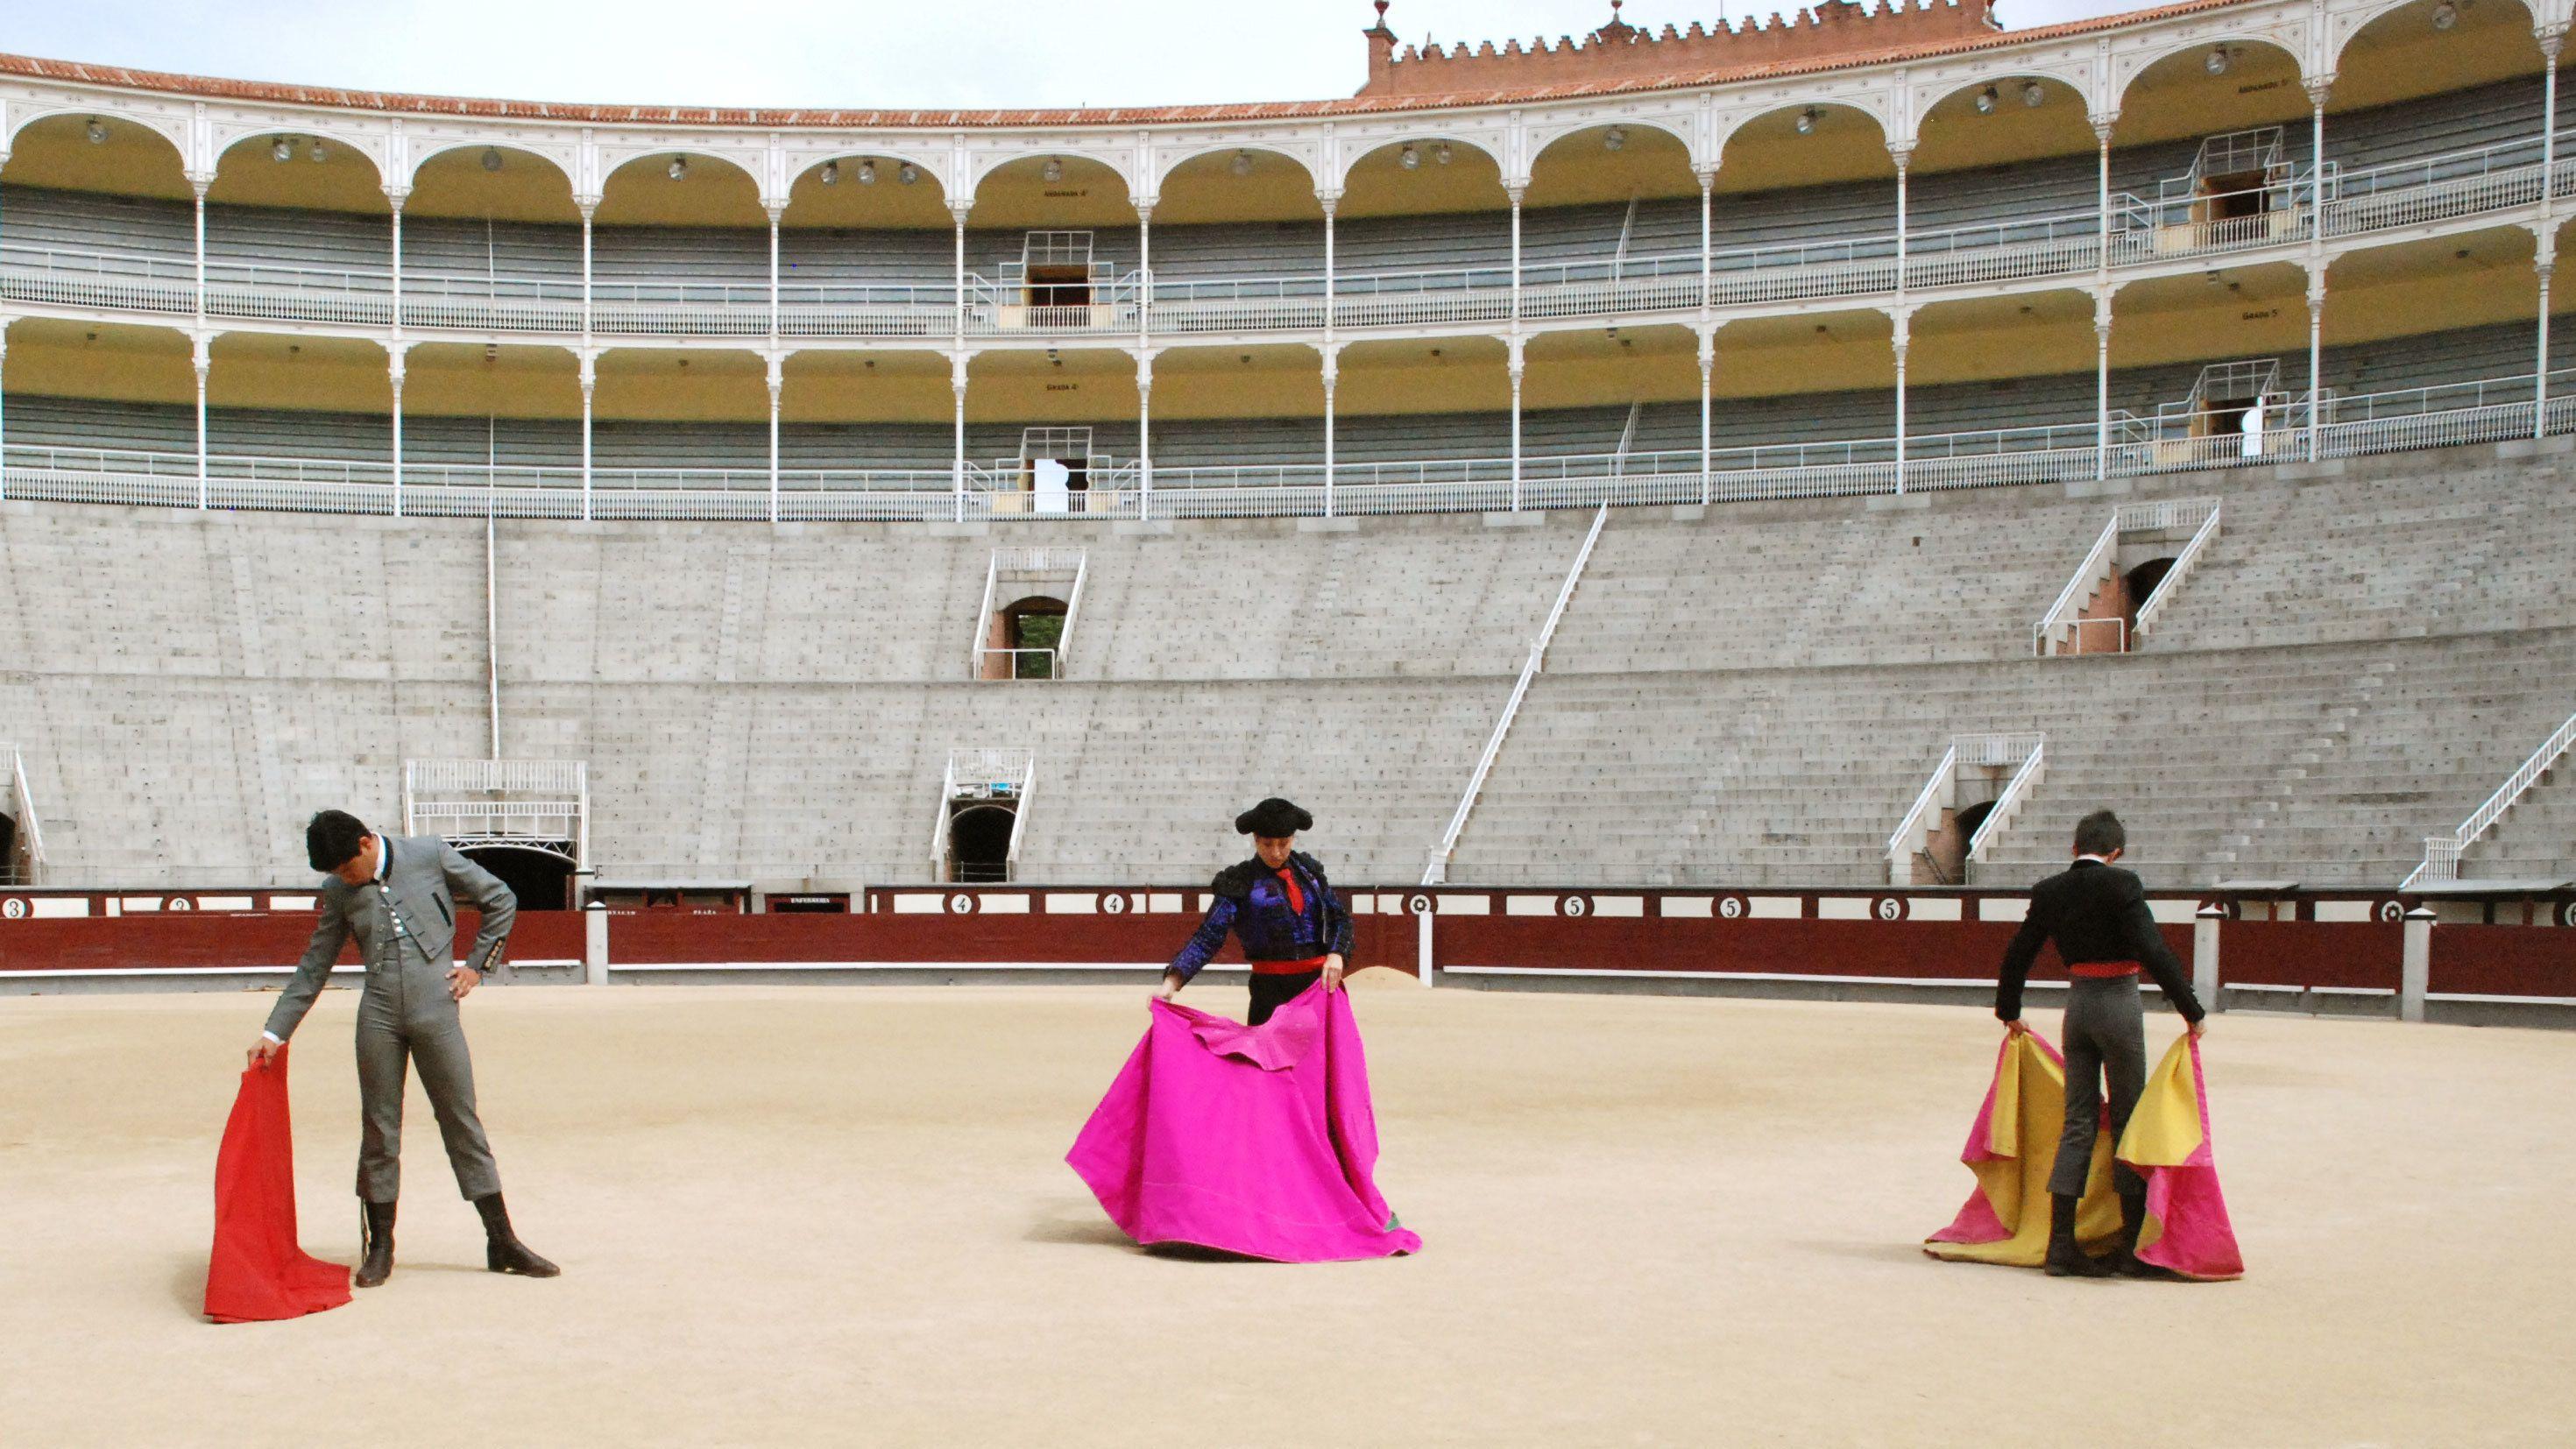 World's finest matadors inside the Las Ventas Bullring in Madrid